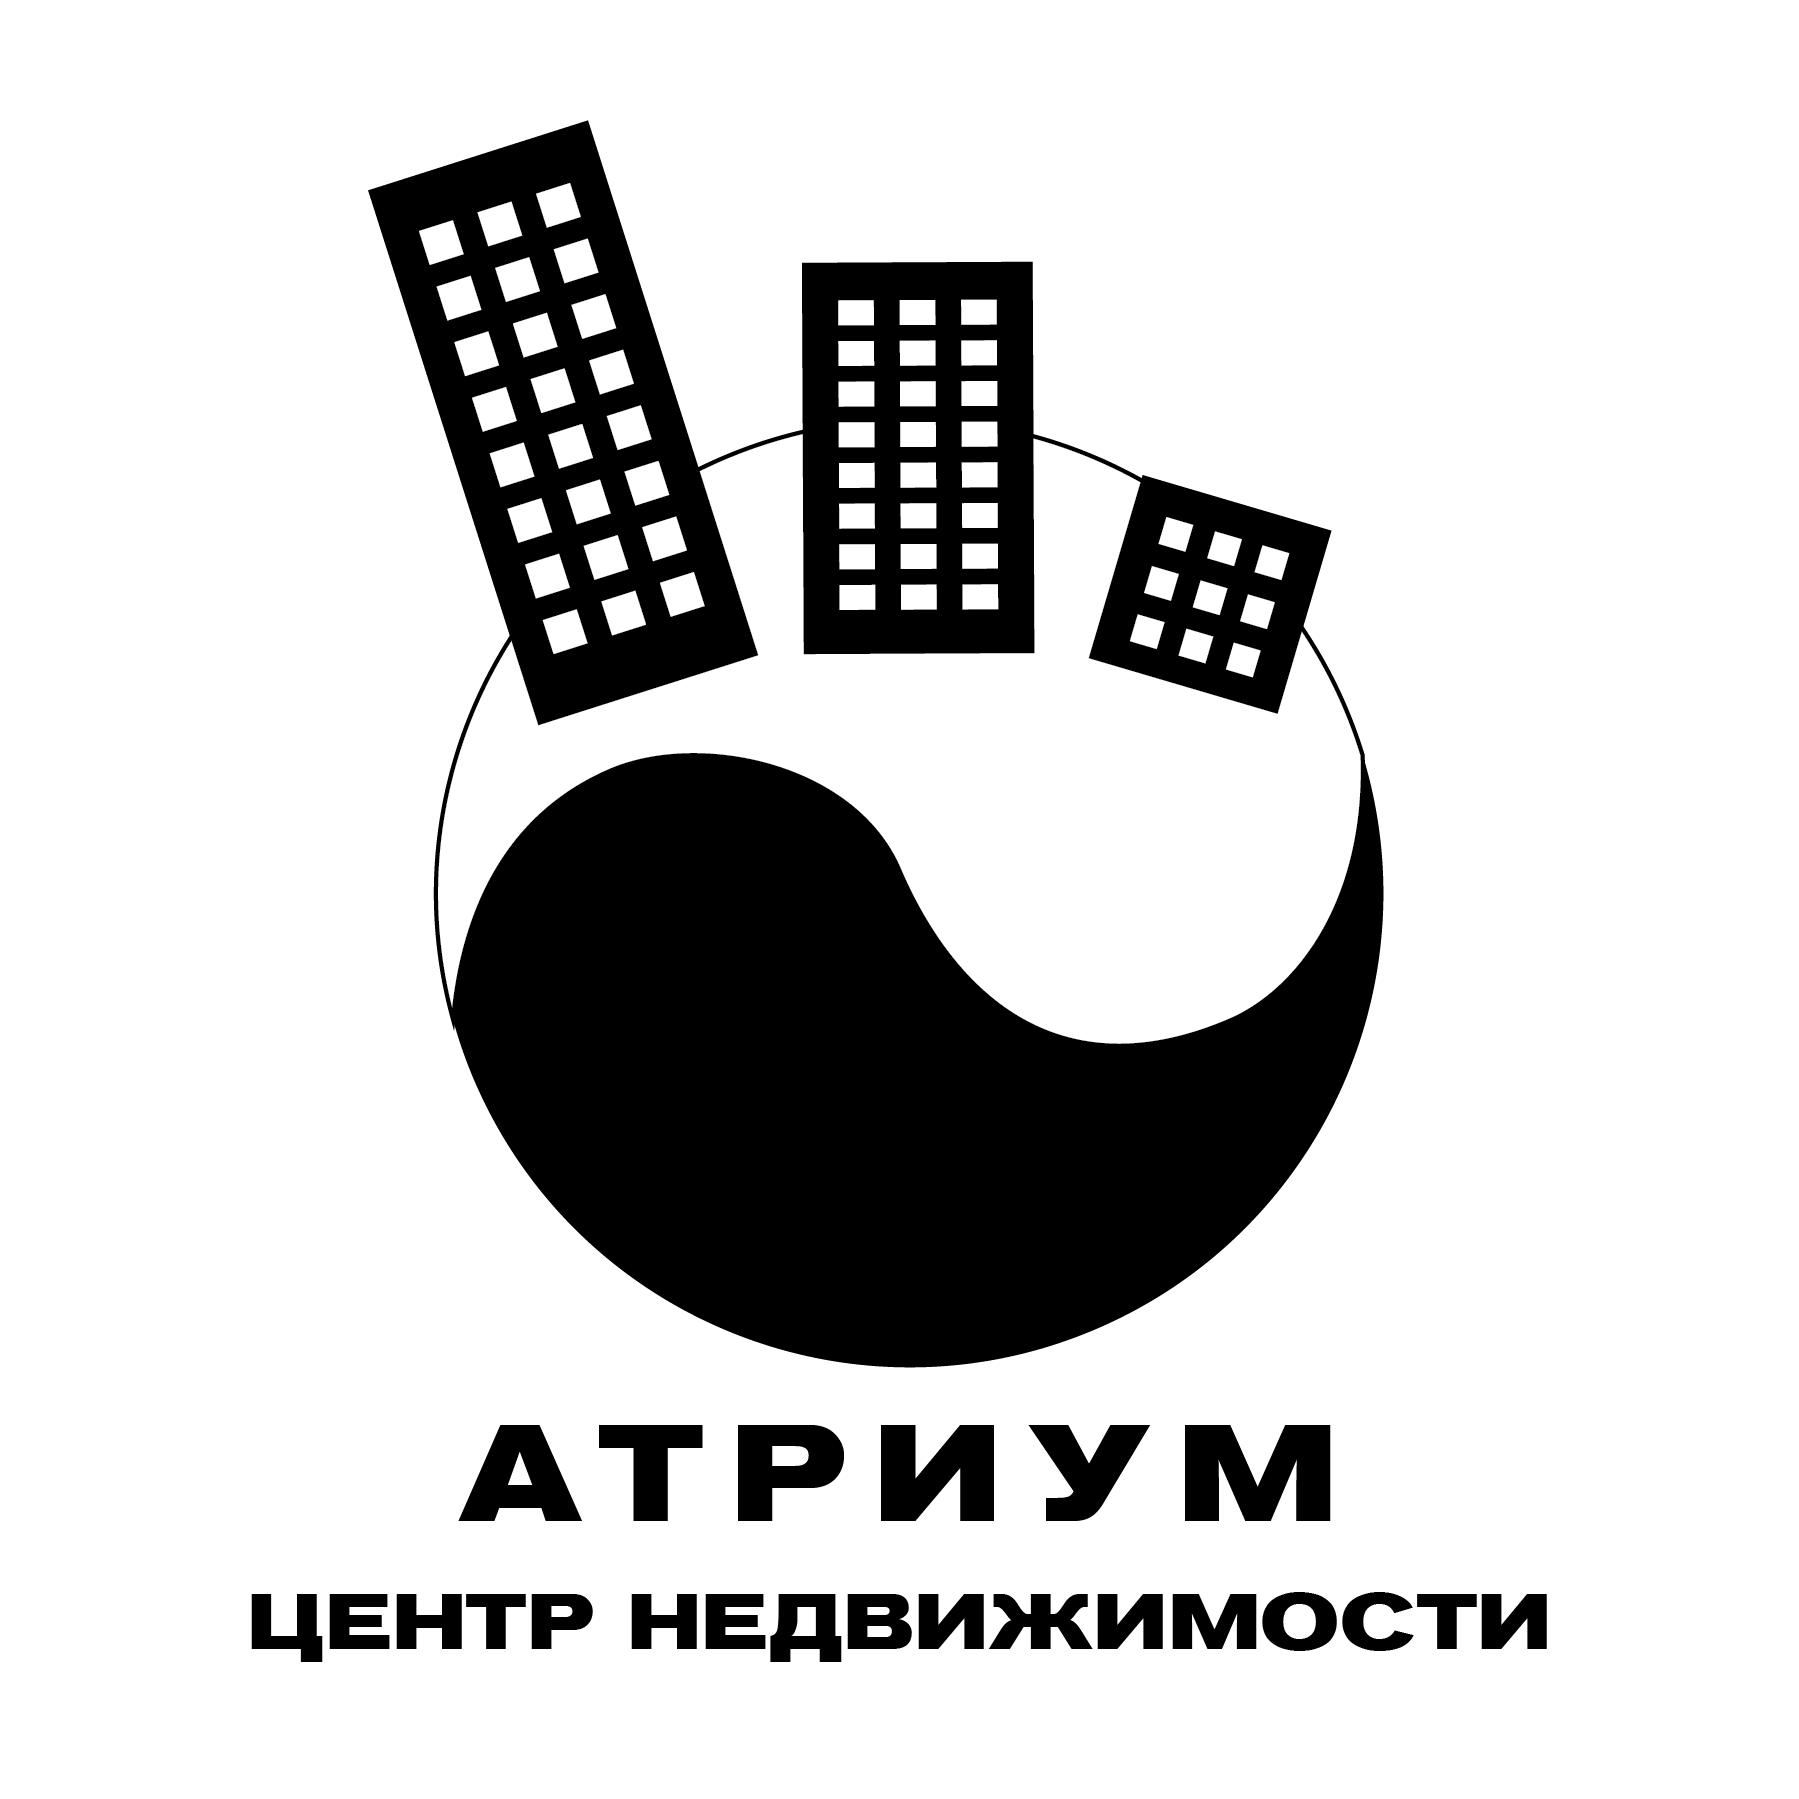 Редизайн / модернизация логотипа Центра недвижимости фото f_0105bc07d017e08c.png